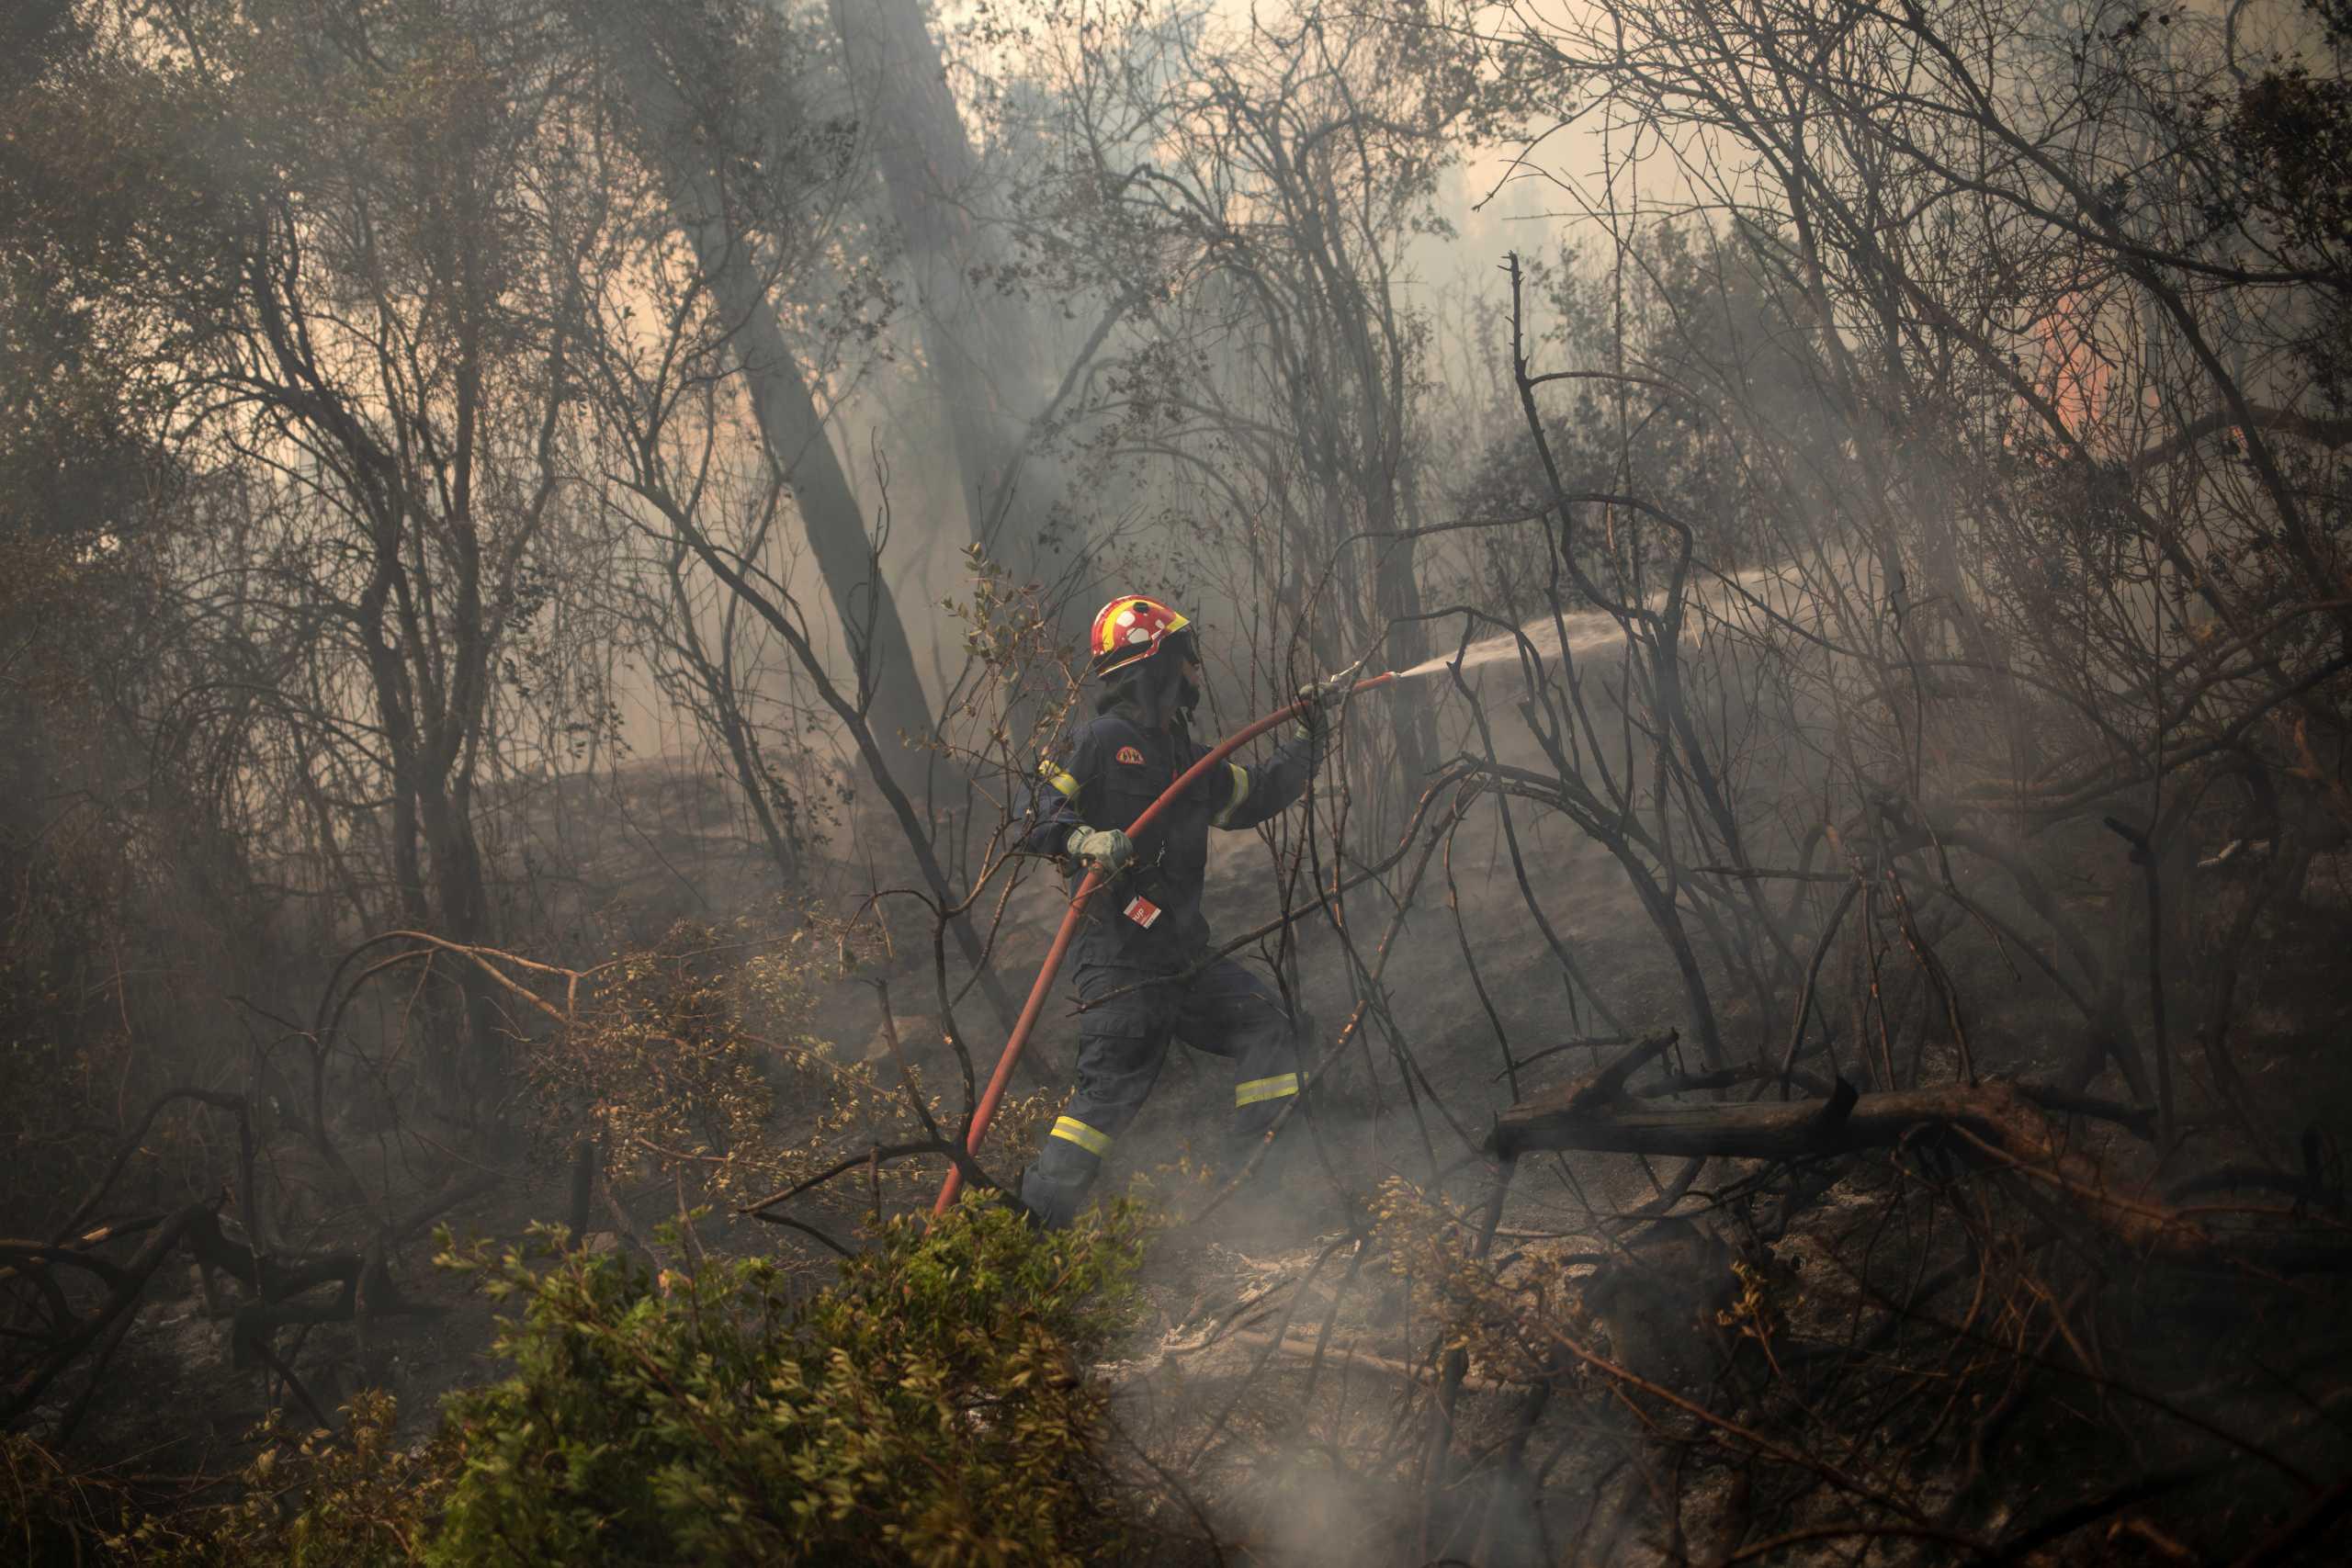 Φωτιά στην Κορινθία: Όλες οι ελπίδες στα εναέρια μέσα για να ανακοπεί η πύρινη λαίλαπα